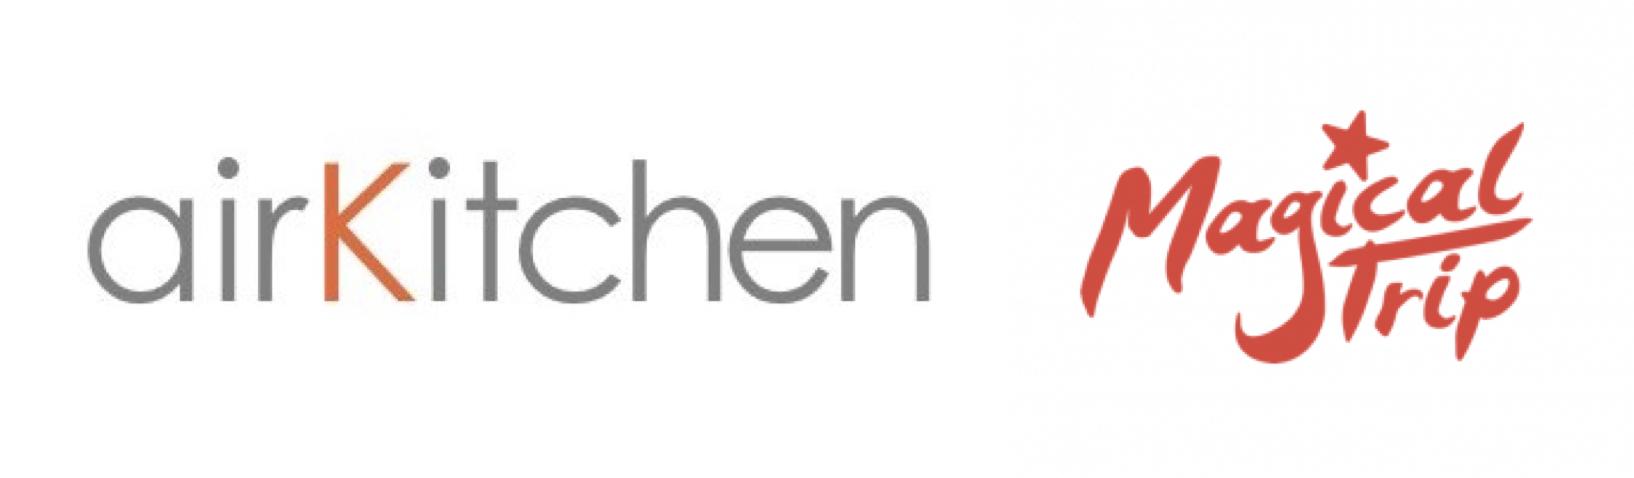 インバウンド向け料理体験プラットフォーム「airKitchen」が、ローカルツアーサプライヤー「Magical Trip」と業務提携。地域の人や文化に触れるユニークな体験で日本の観光市場を盛り上げる!